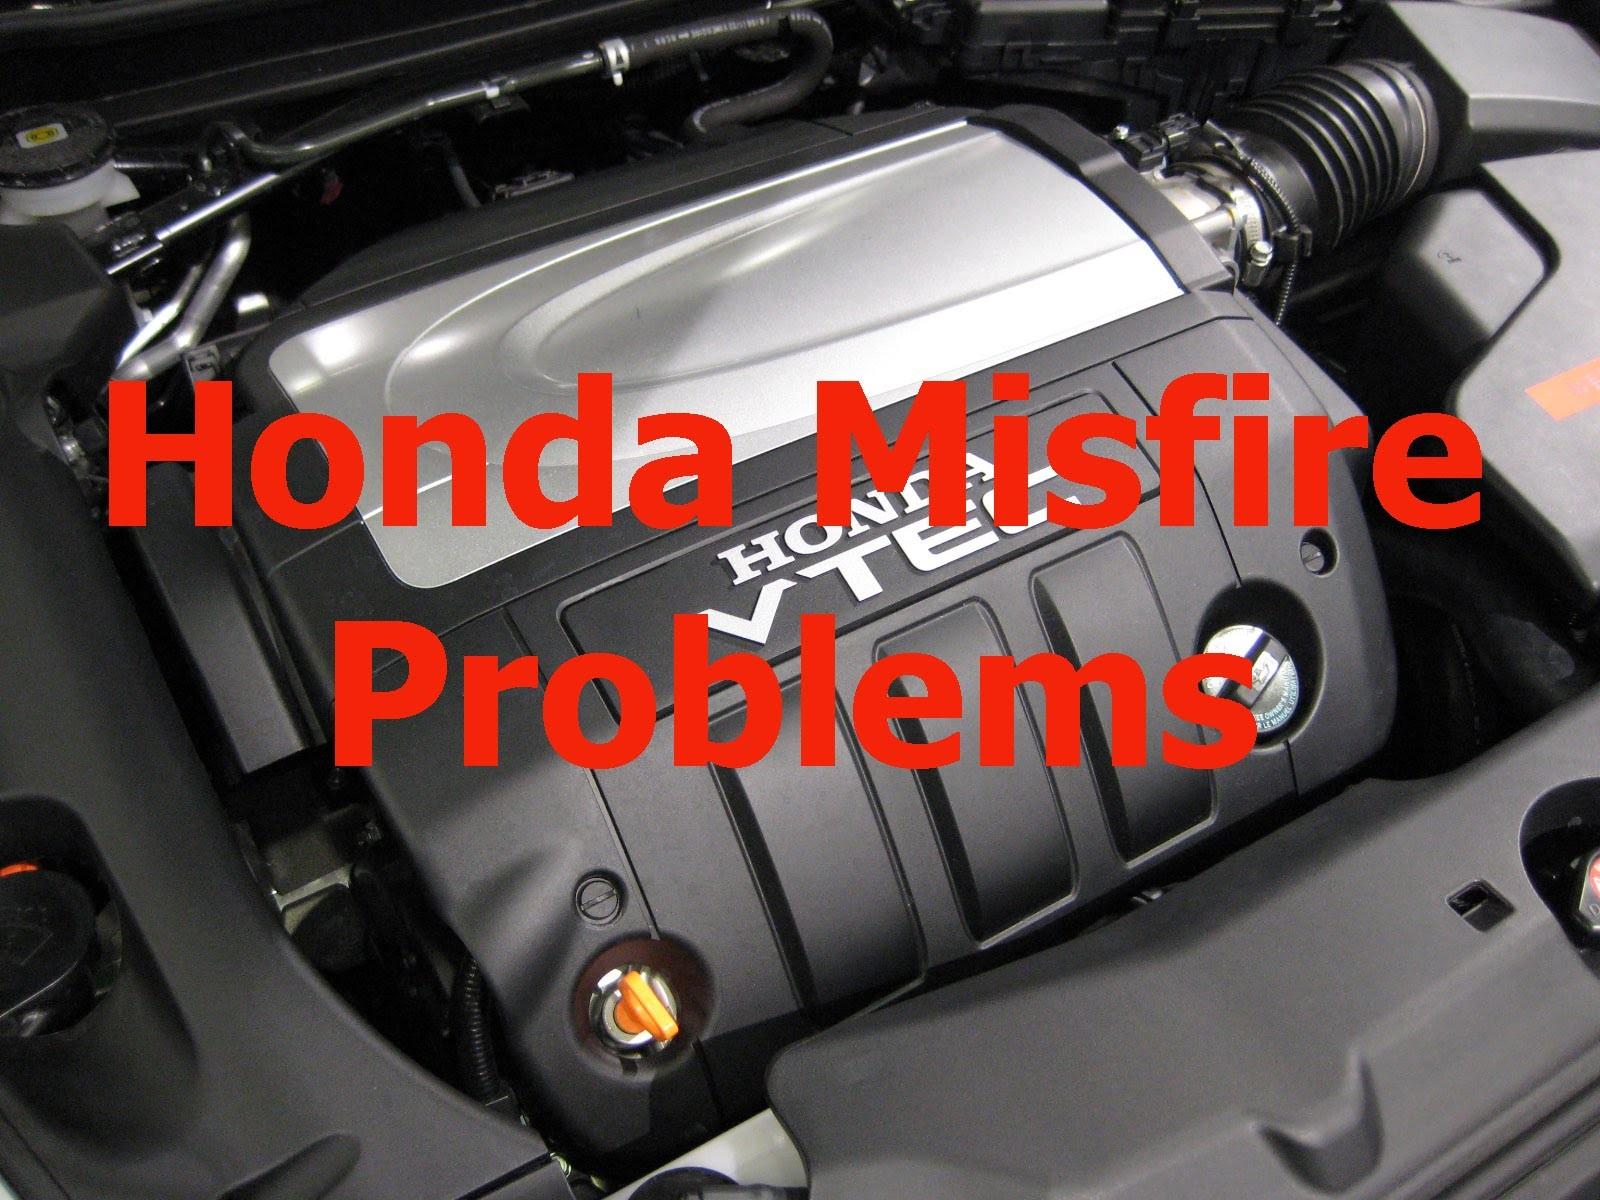 2003 Honda Accord V6 Engine Diagram How to Diagnose Honda Misfire Codes P0300 P0301 P0302 Etc Of 2003 Honda Accord V6 Engine Diagram